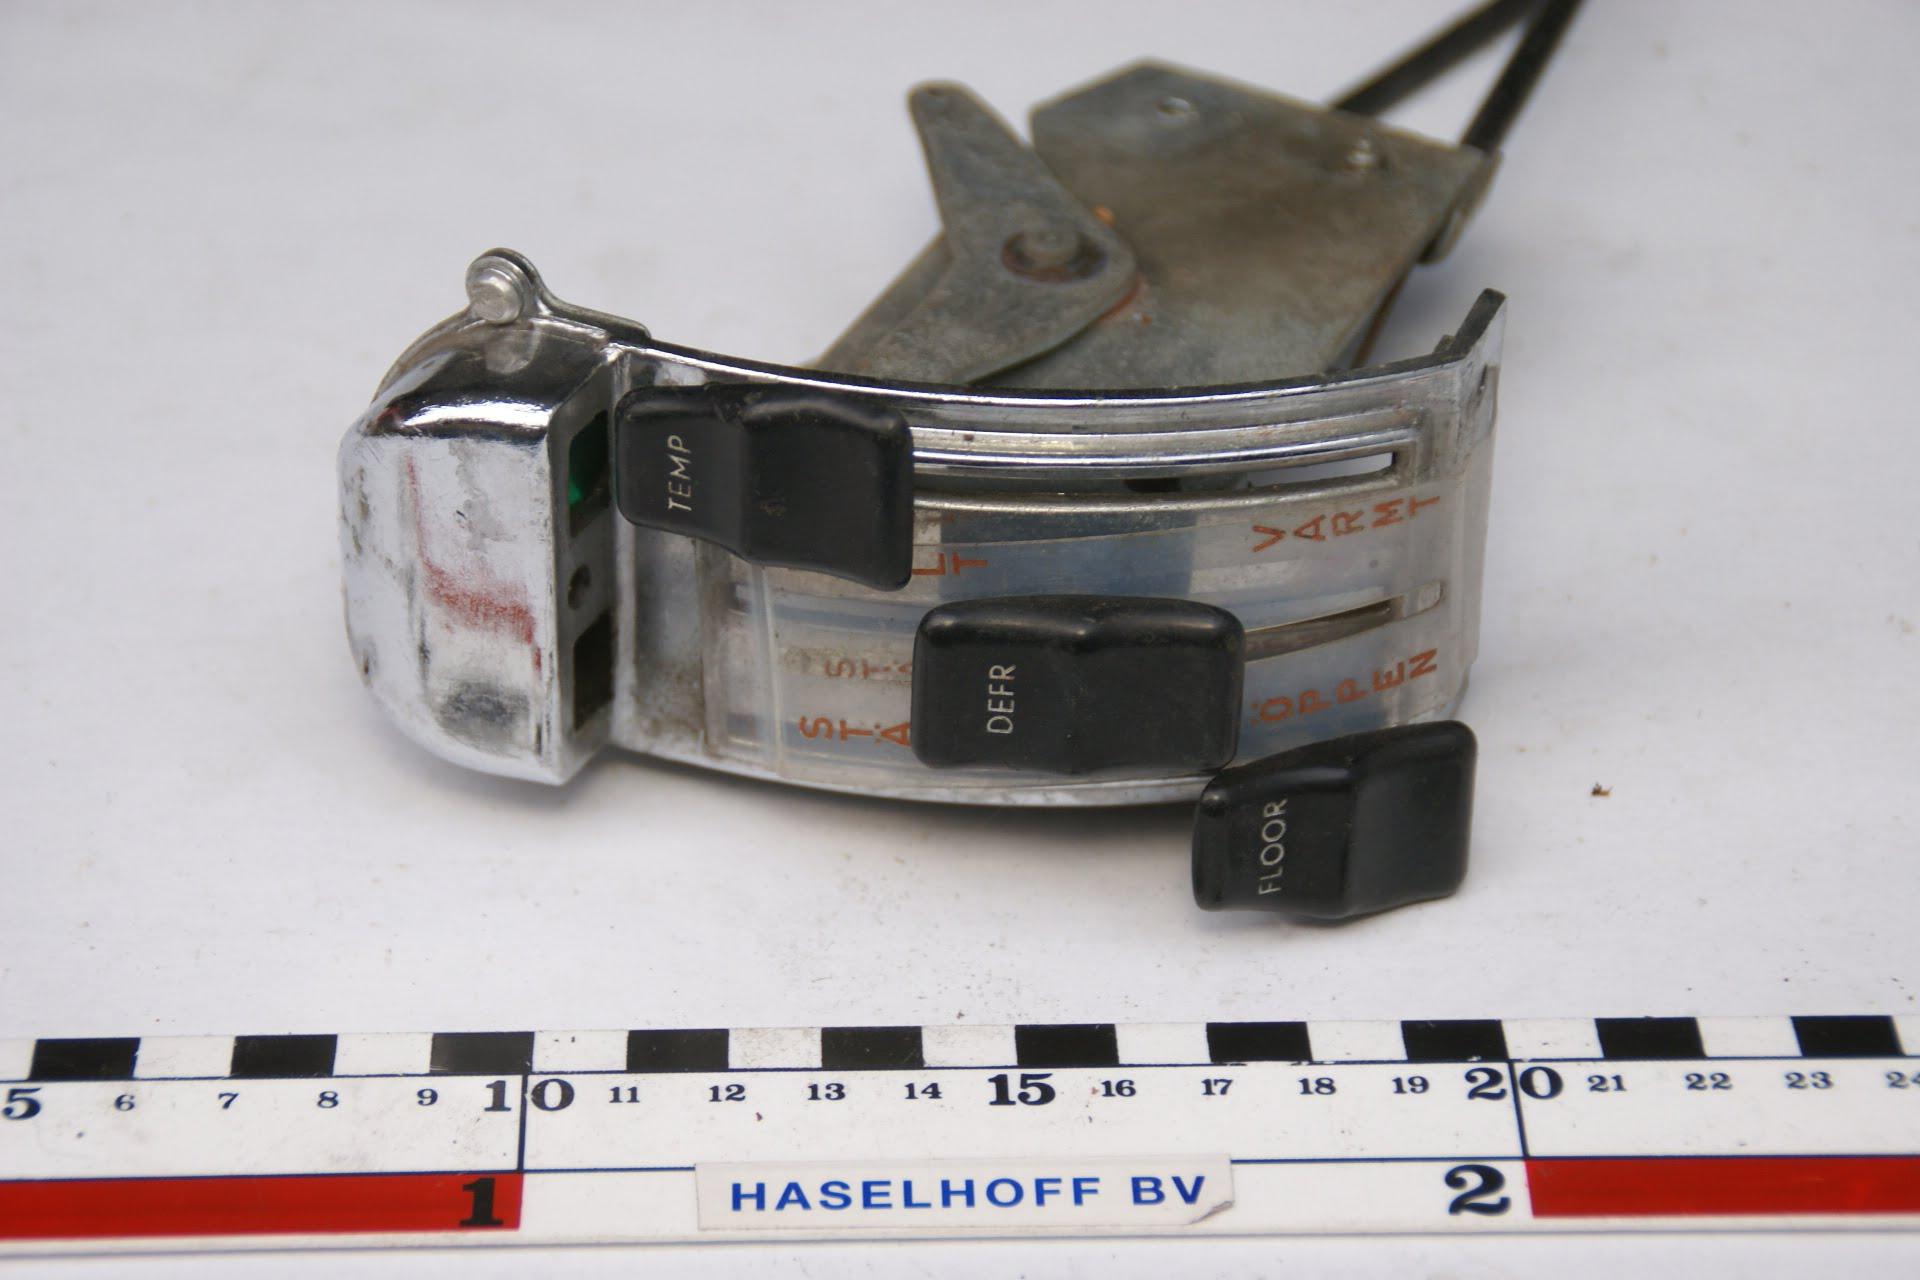 verwarmingspaneel laat model 160309-3662-0